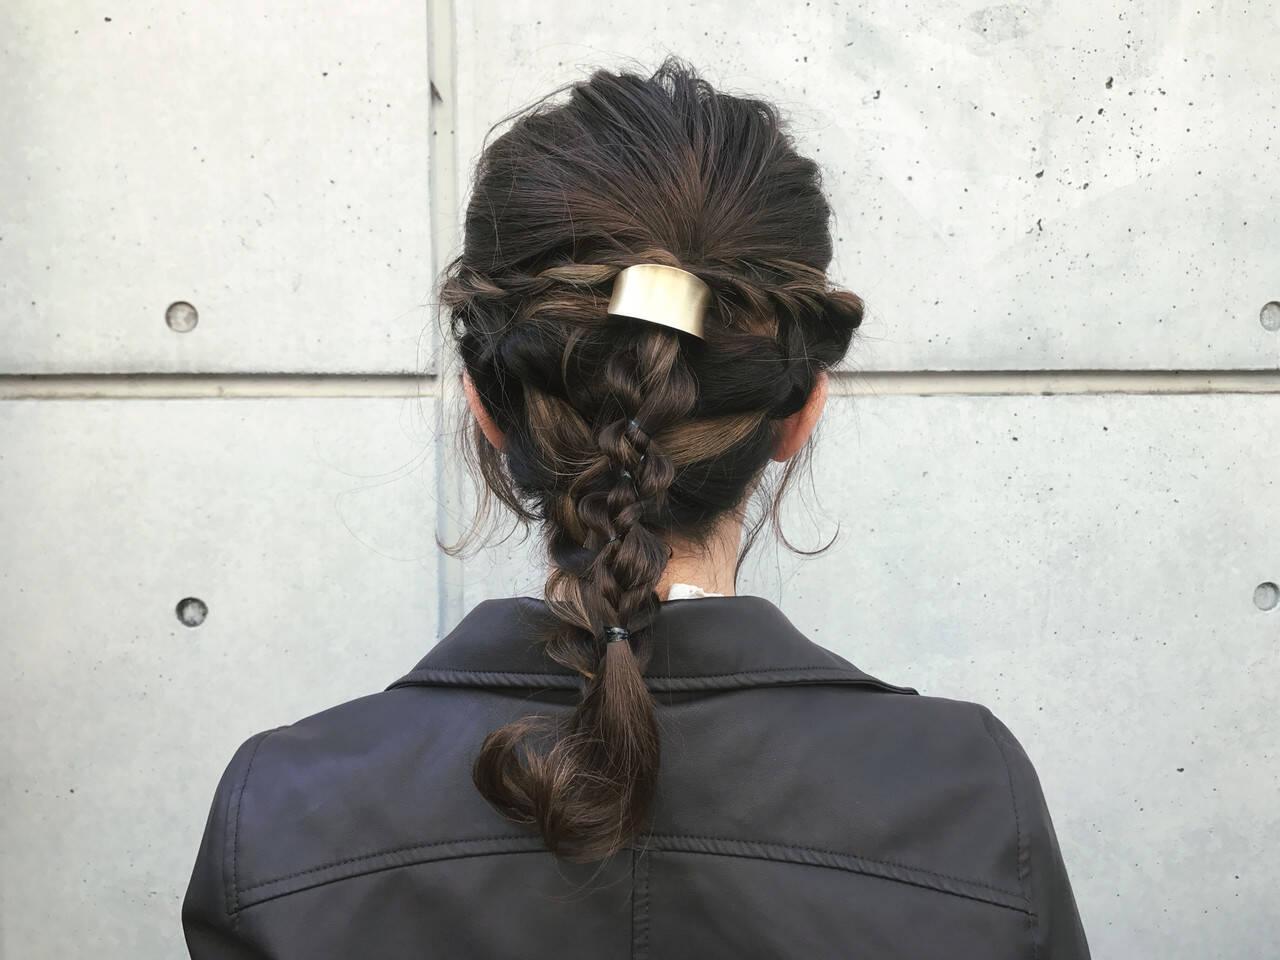 セミロング ナチュラル ヘアアレンジ 成人式ヘアスタイルや髪型の写真・画像